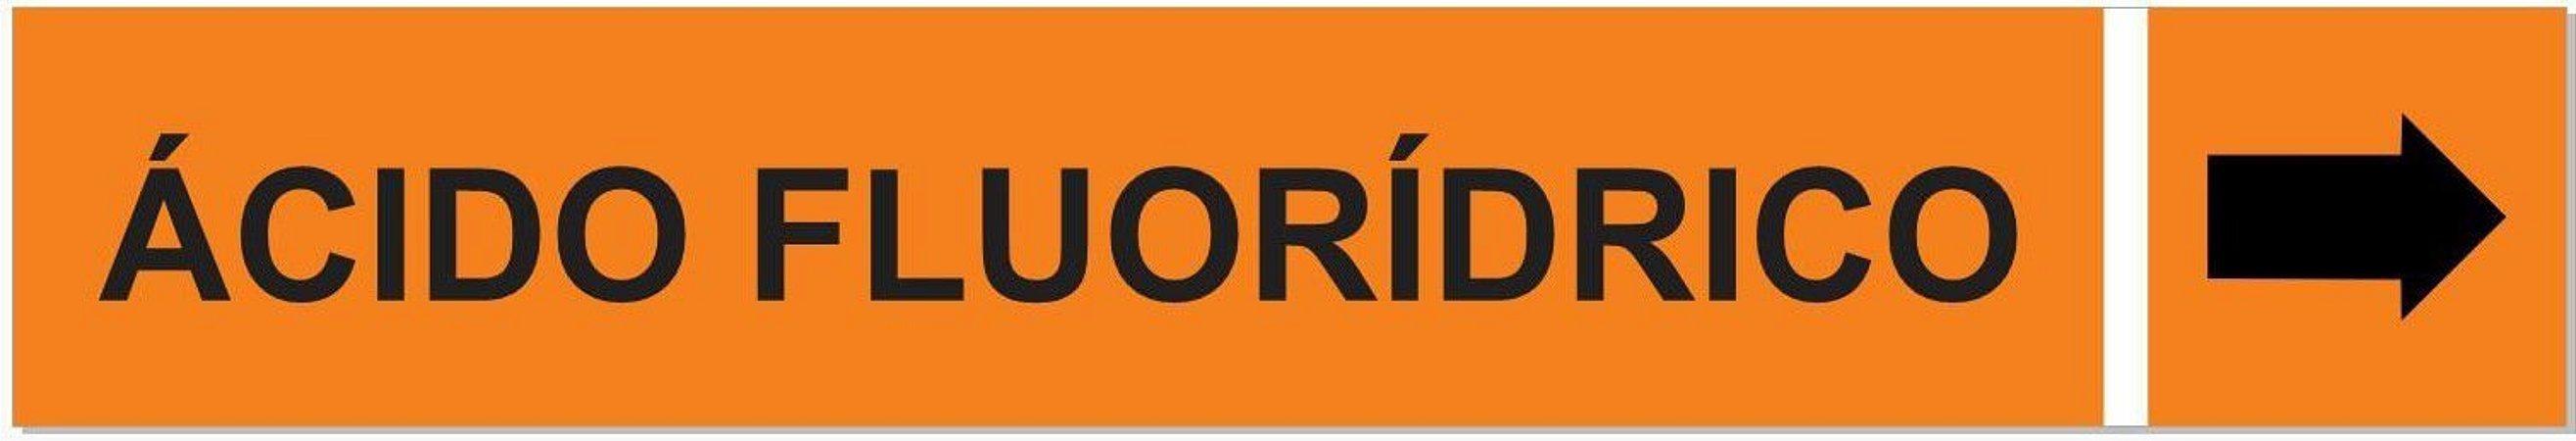 Etiqueta Adesiva Identificação de Tubulação Ácido Fluorídrico